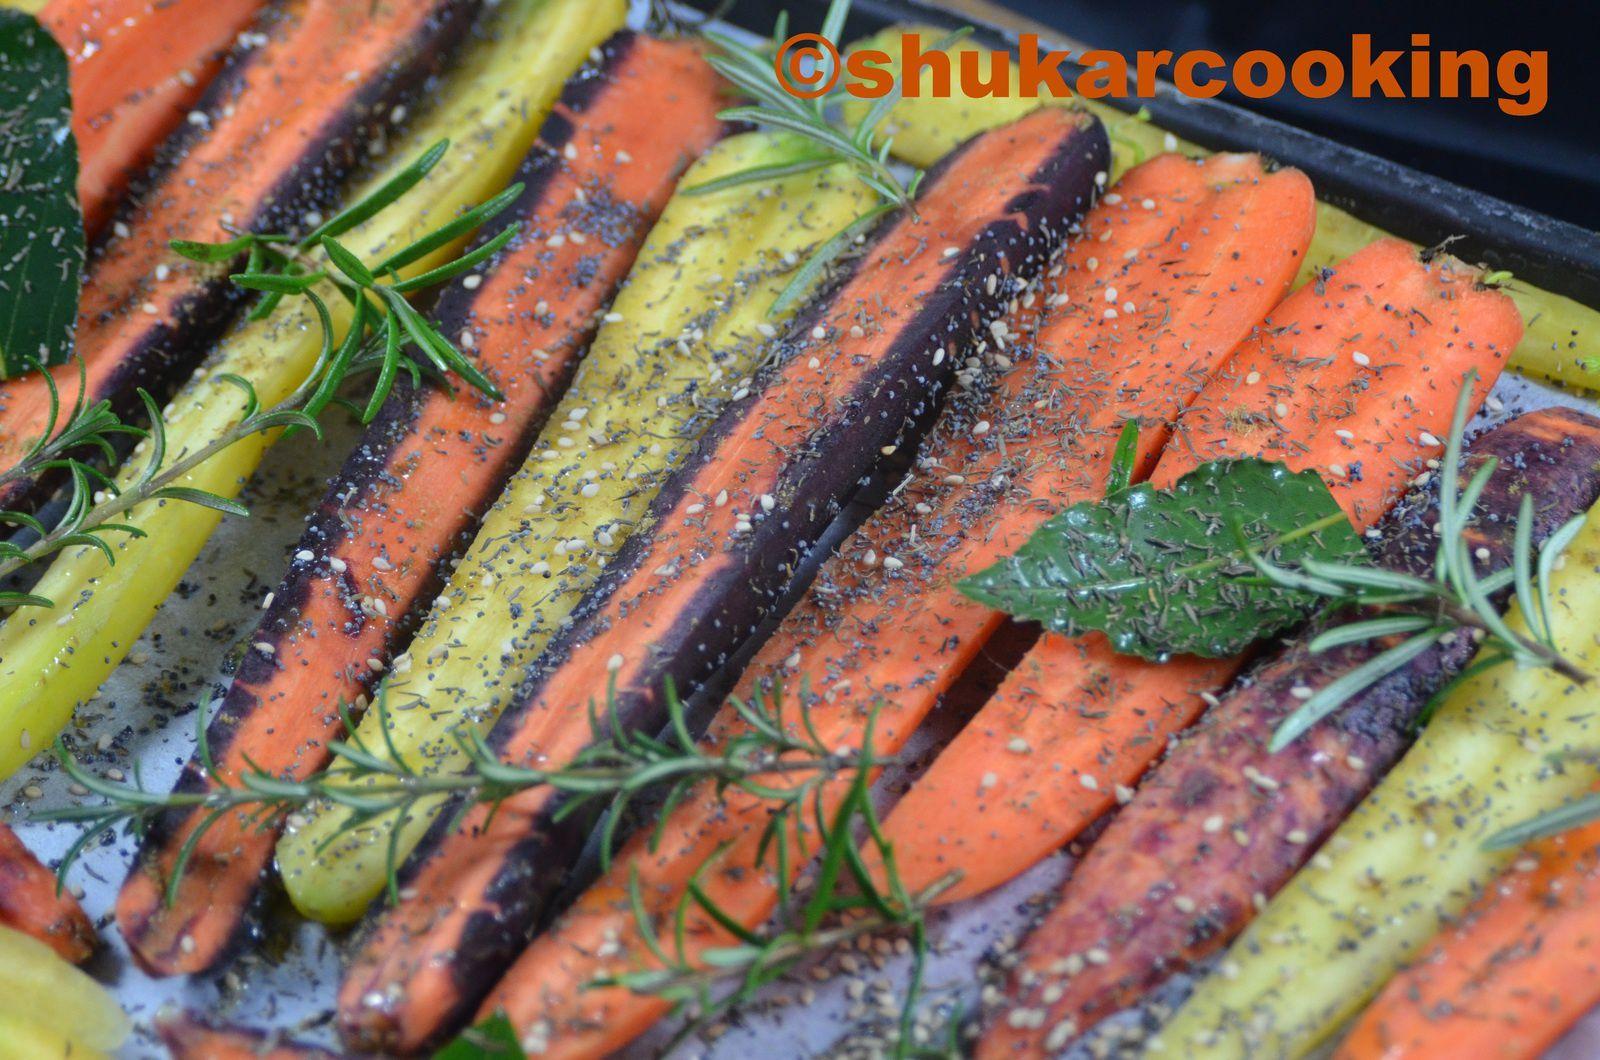 carottes et pommes de terre r tis au s same shukar cooking. Black Bedroom Furniture Sets. Home Design Ideas